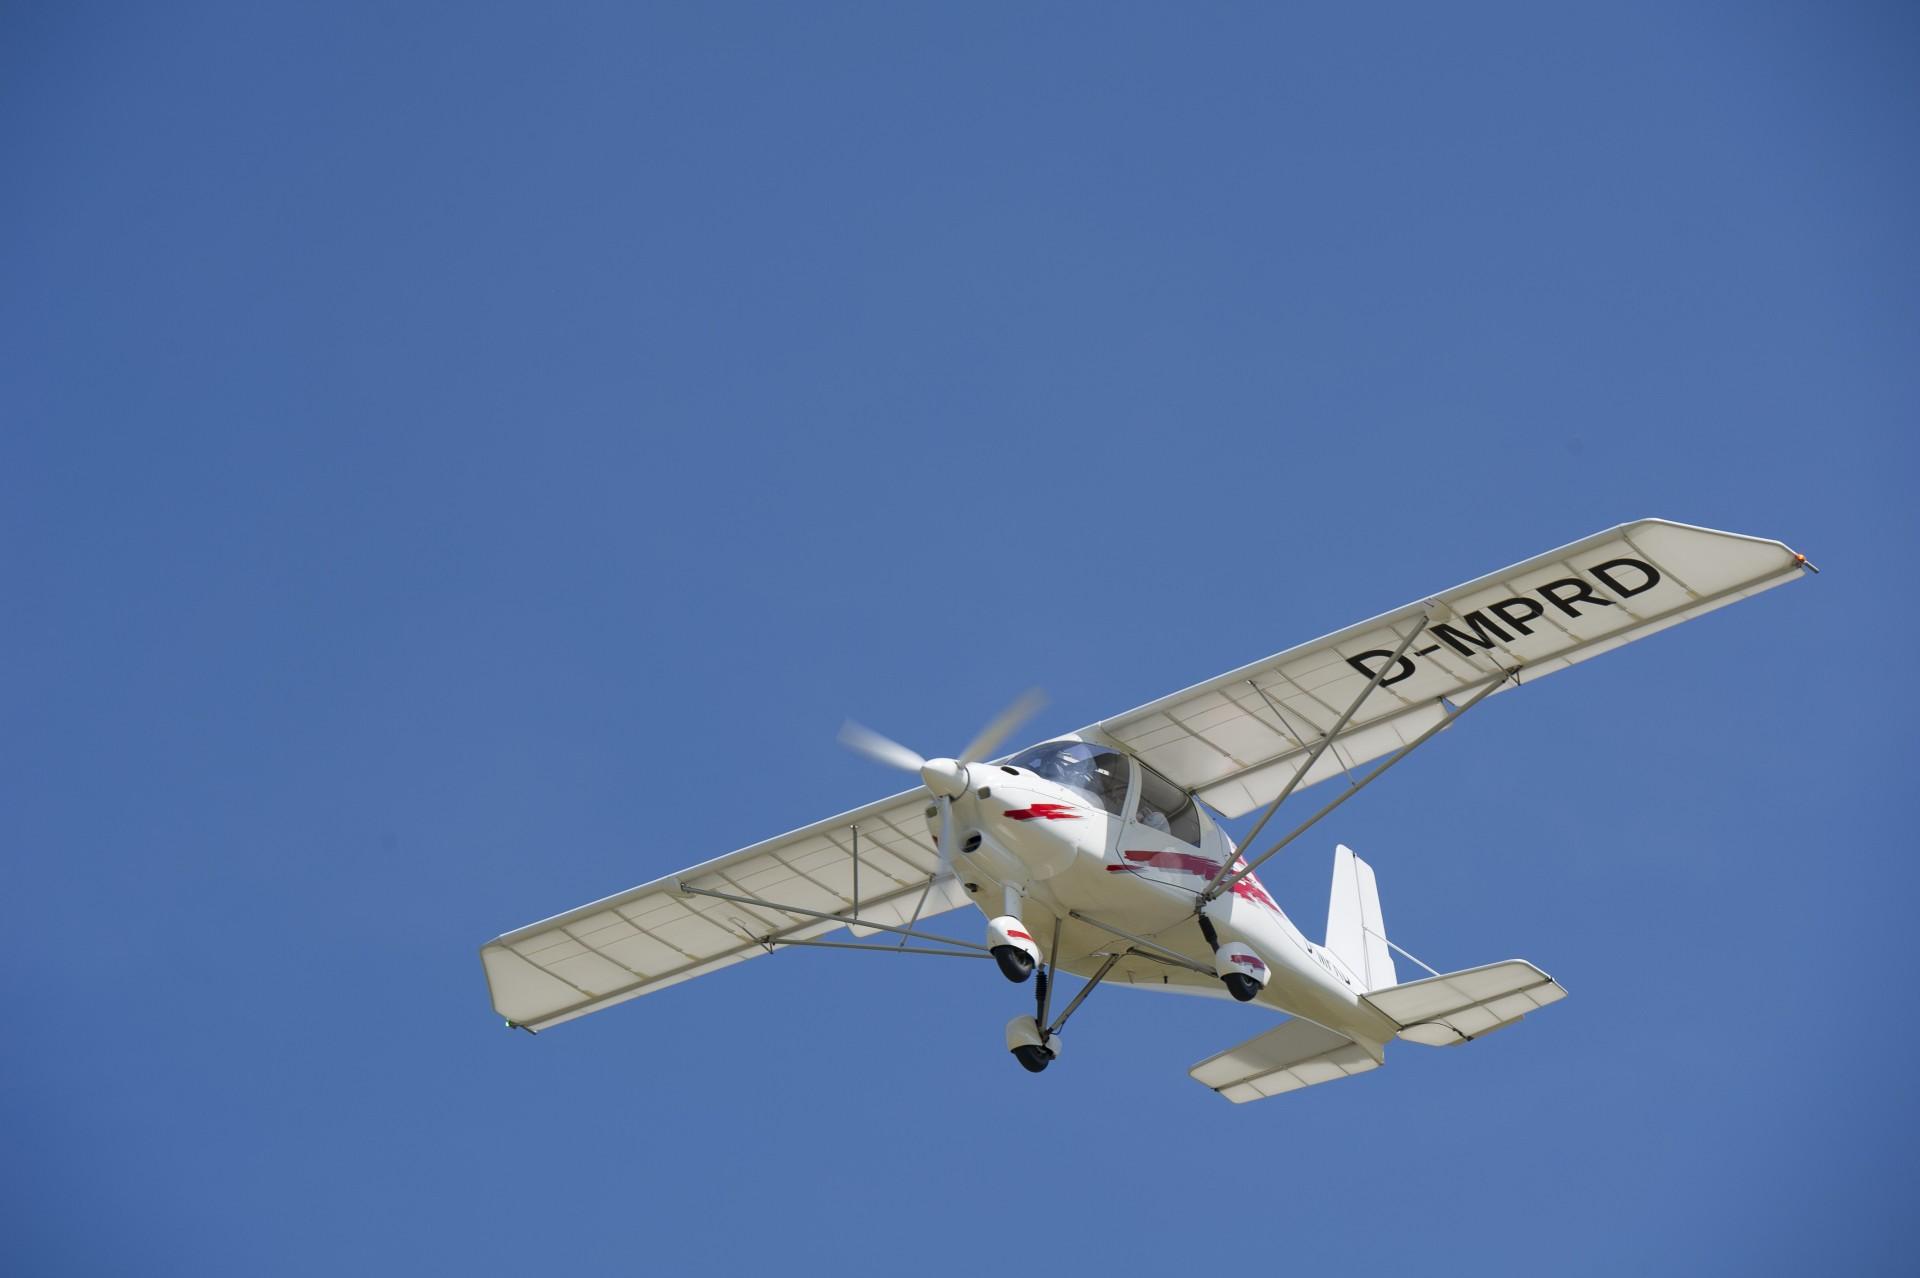 Ikarus C42 Fluggemeinschaft Rennefeld